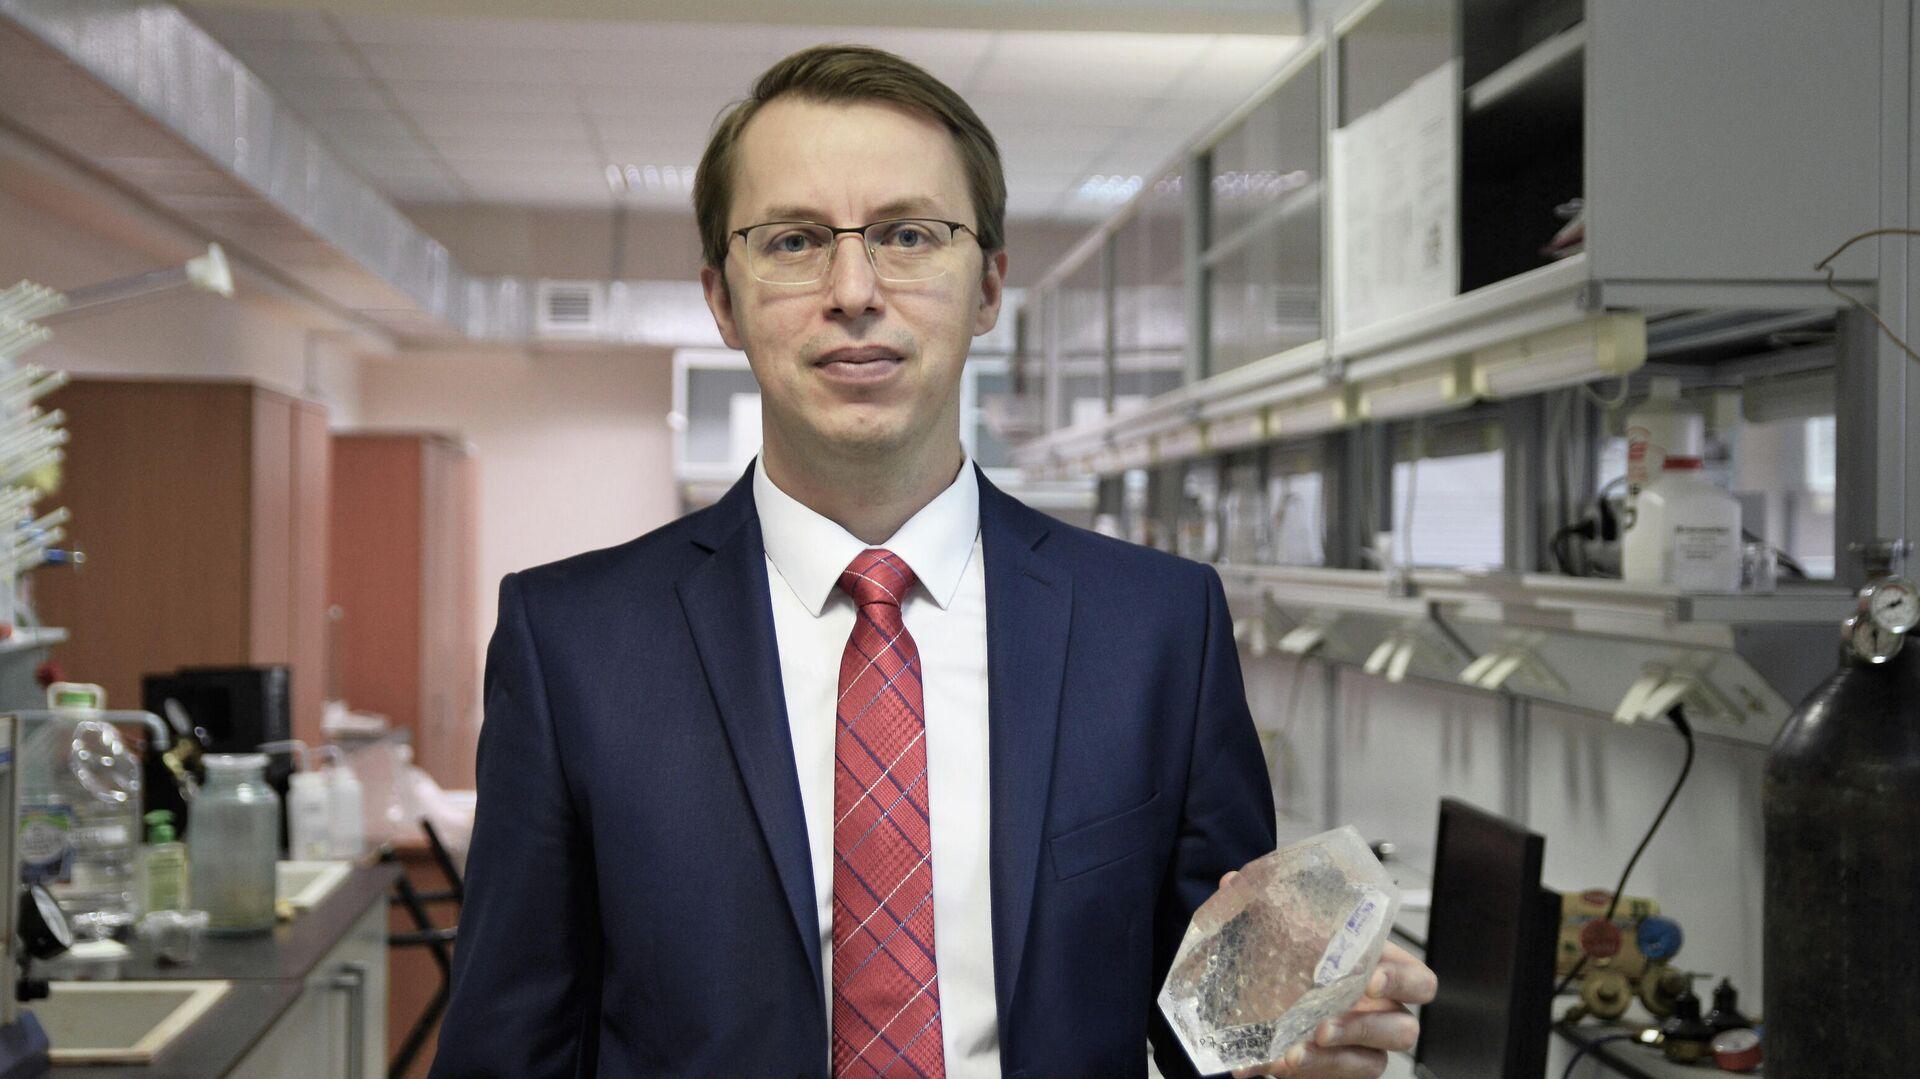 Профессор ЮУрГУ Денис Винник - РИА Новости, 1920, 30.03.2021